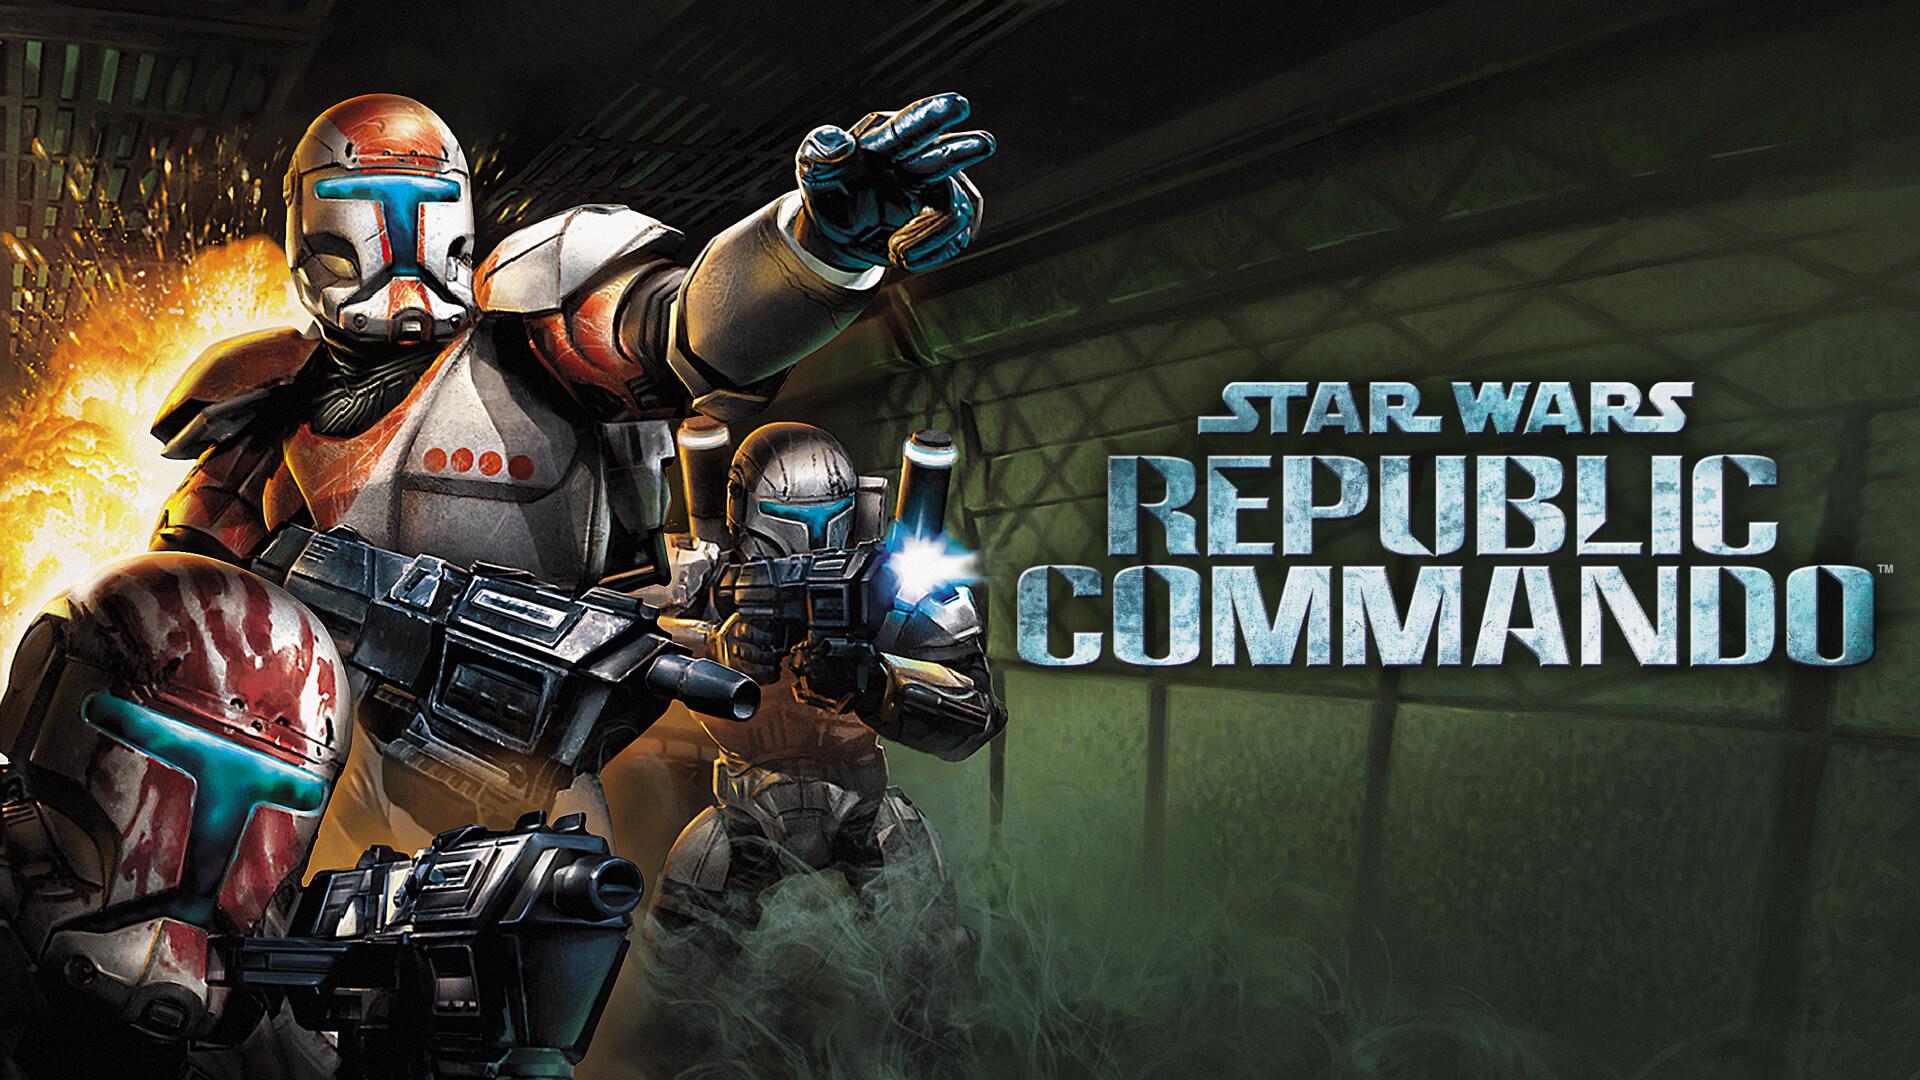 Star Wars: Republic Commando Free PC Download